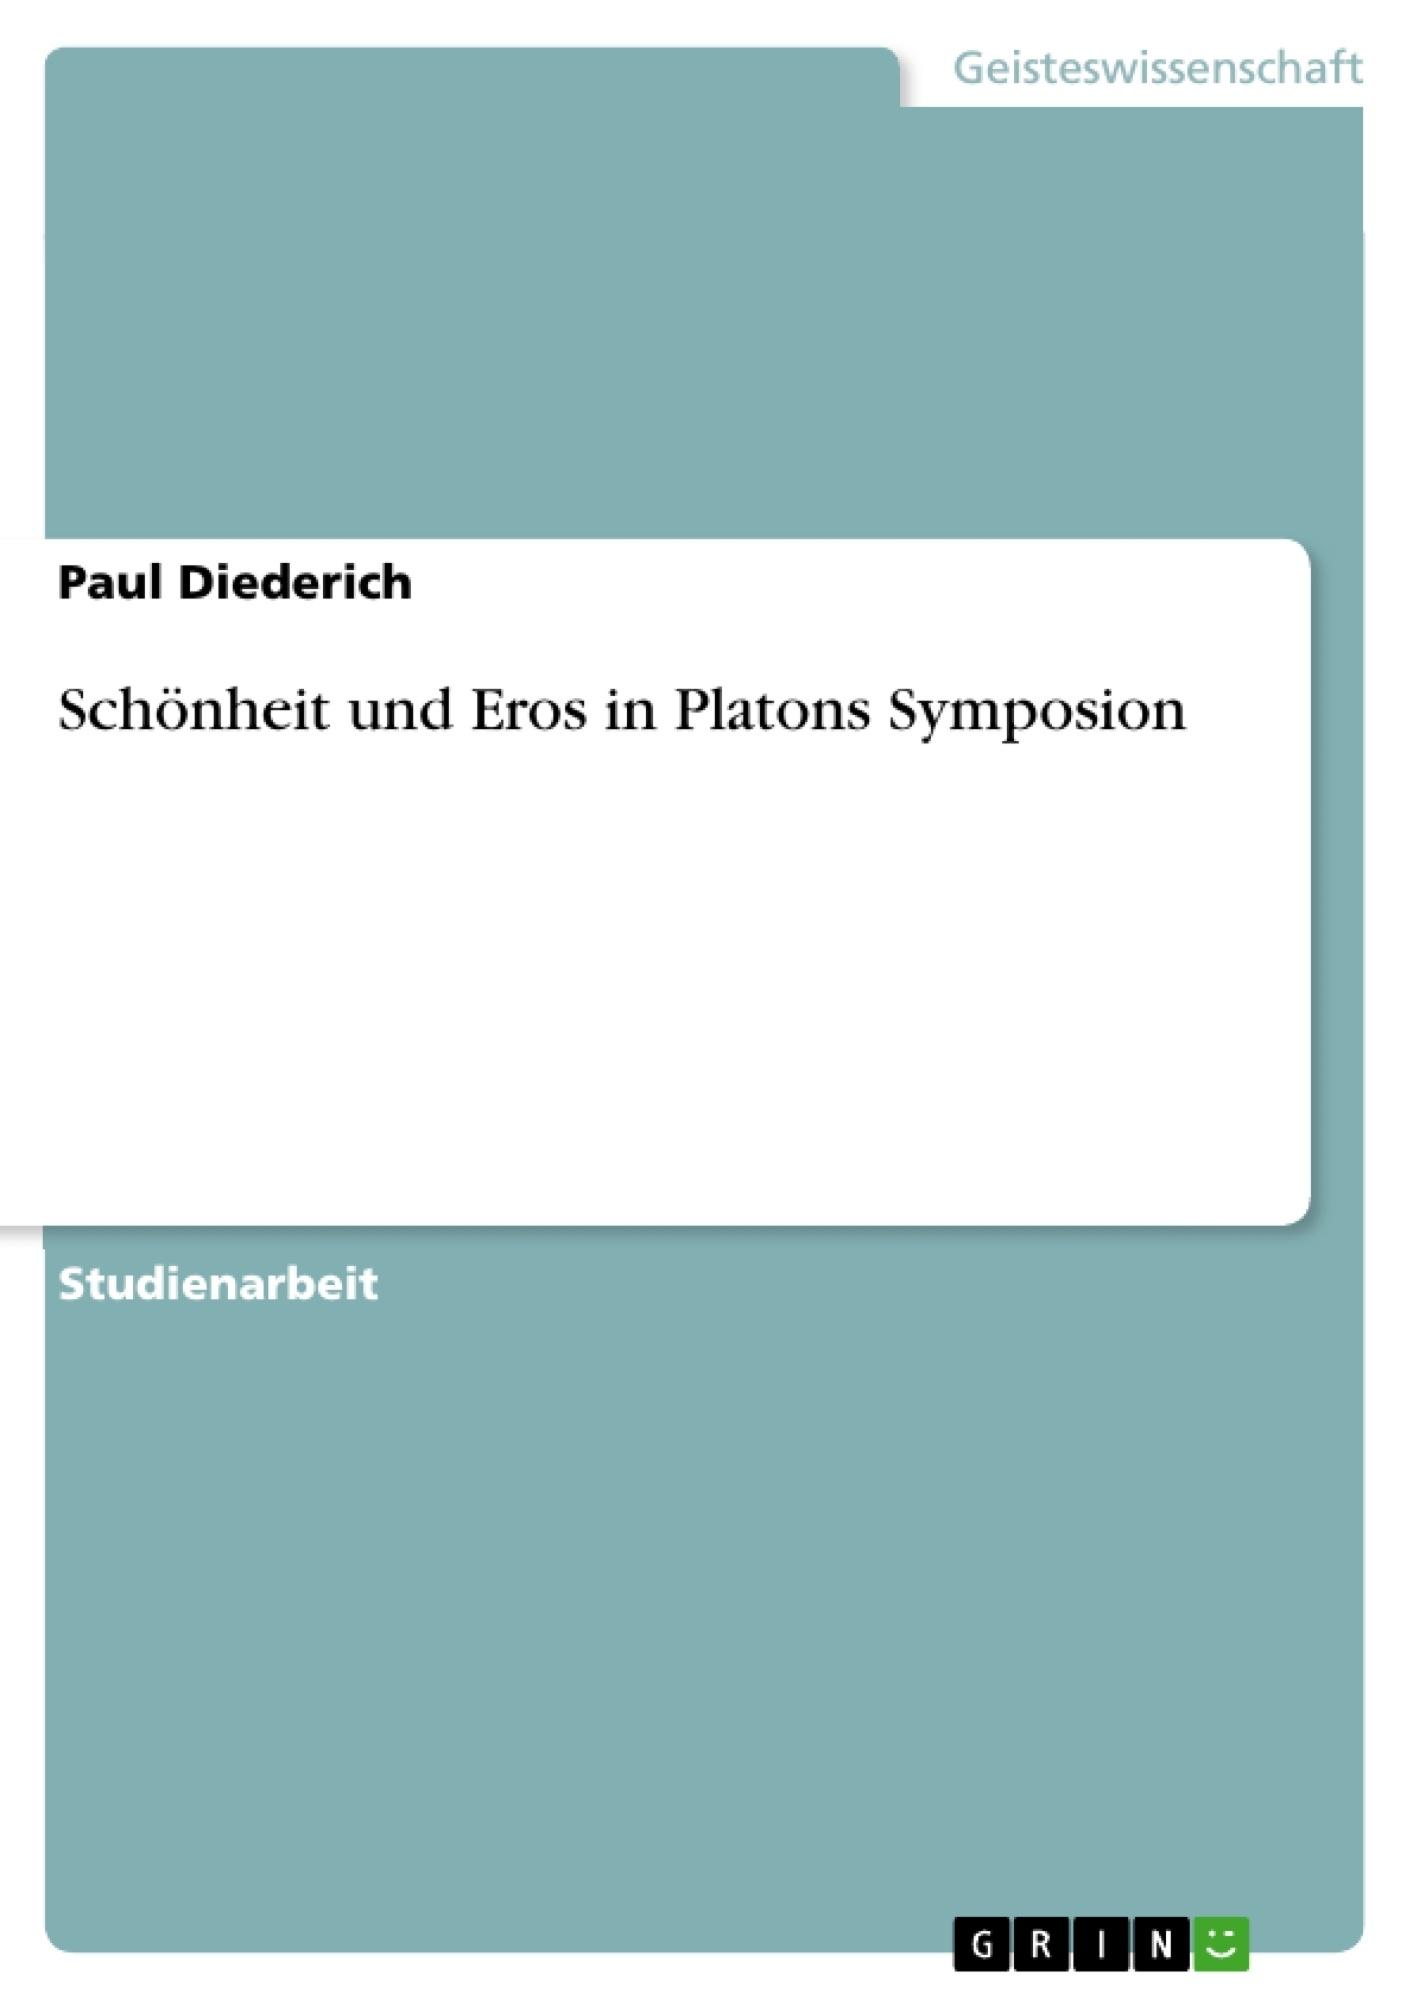 Titel: Schönheit und Eros in Platons Symposion